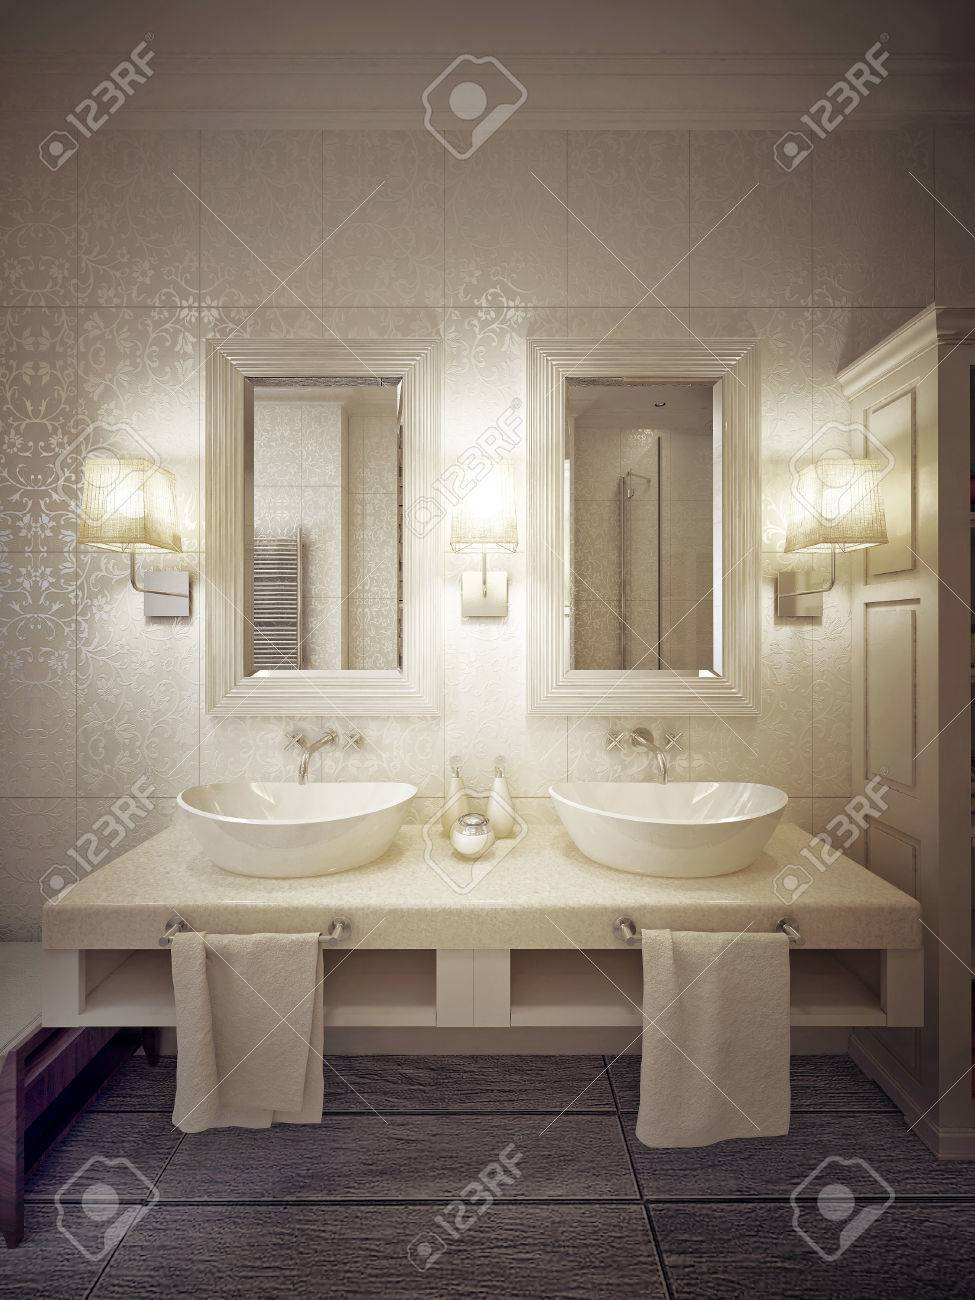 Ein Modernes Bad Mit Zwei Waschbecken Konsole In Weiß Und Beige.  3D Darstellung.